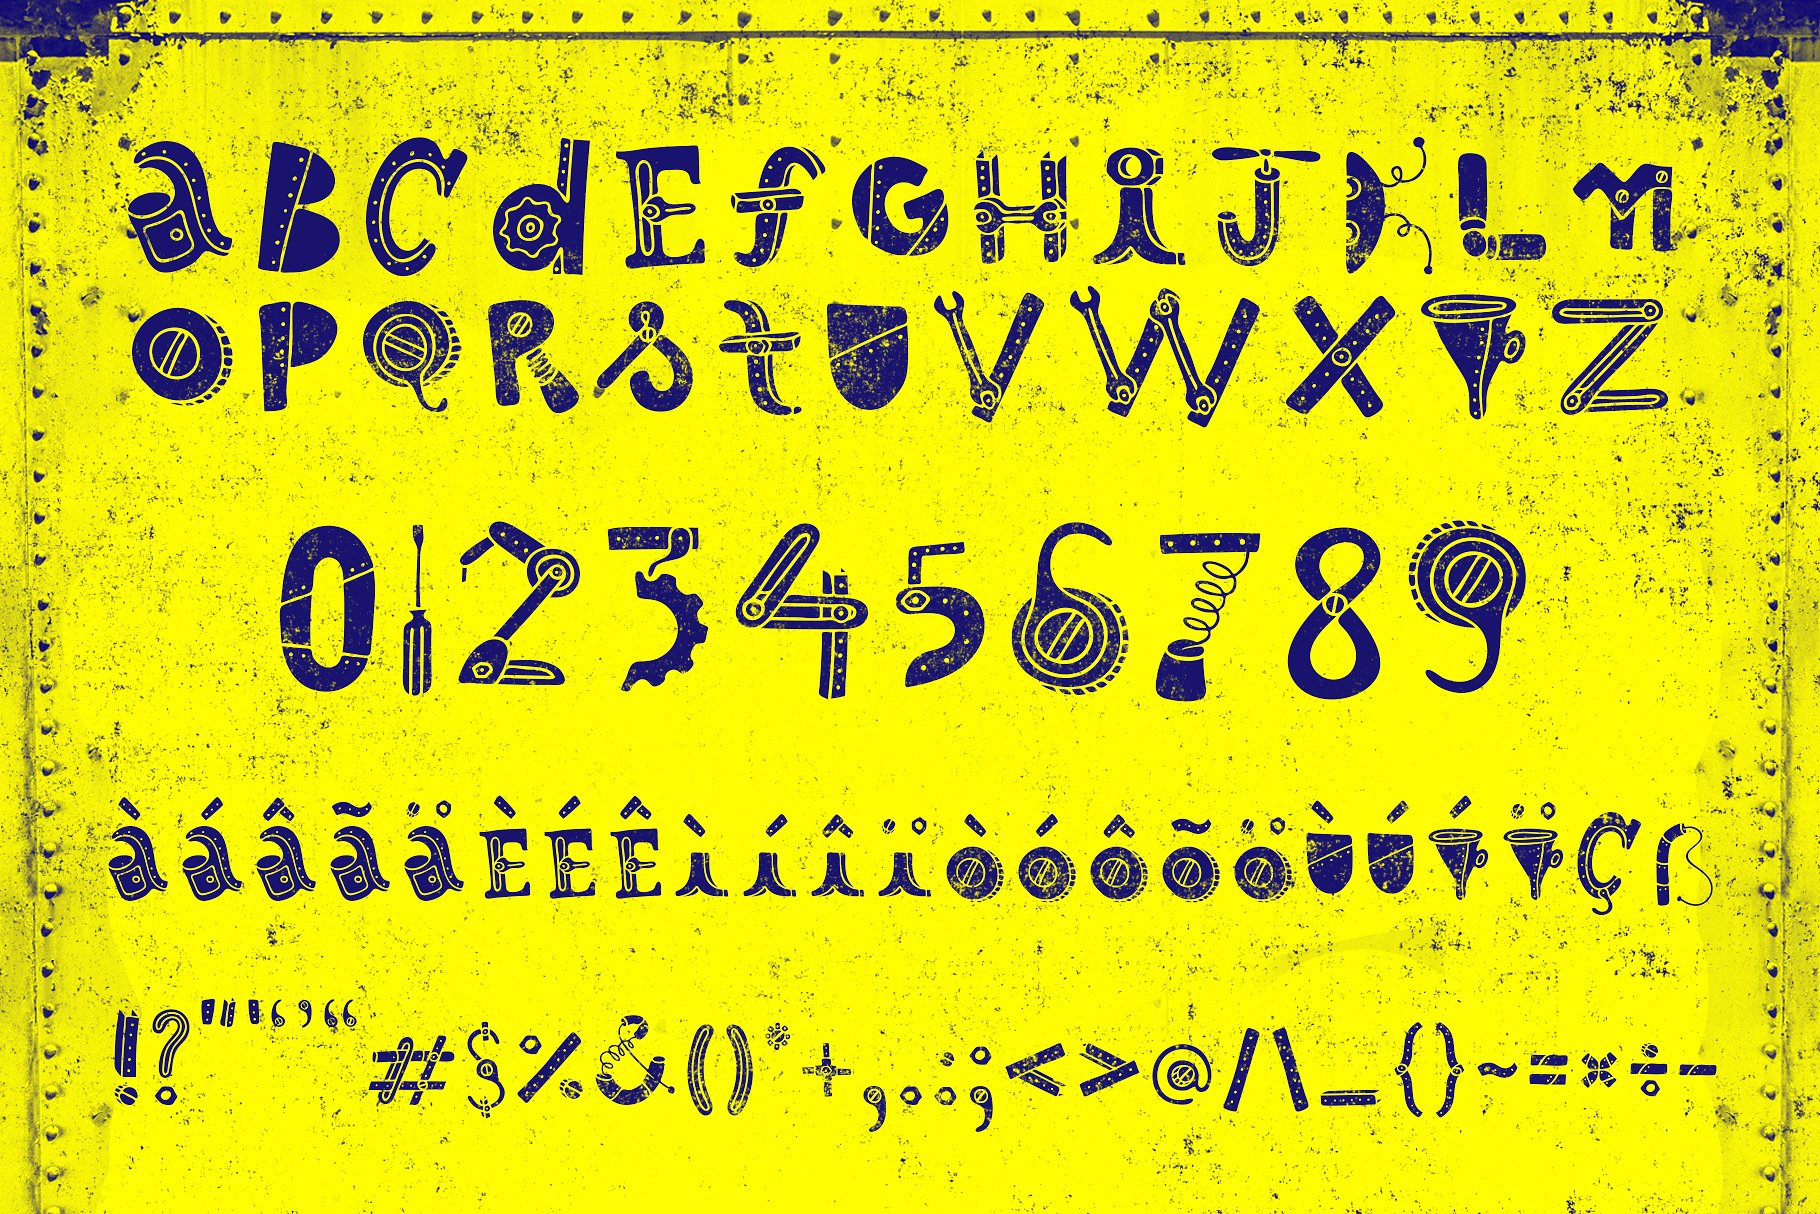 Robotikka Typeface example image 2